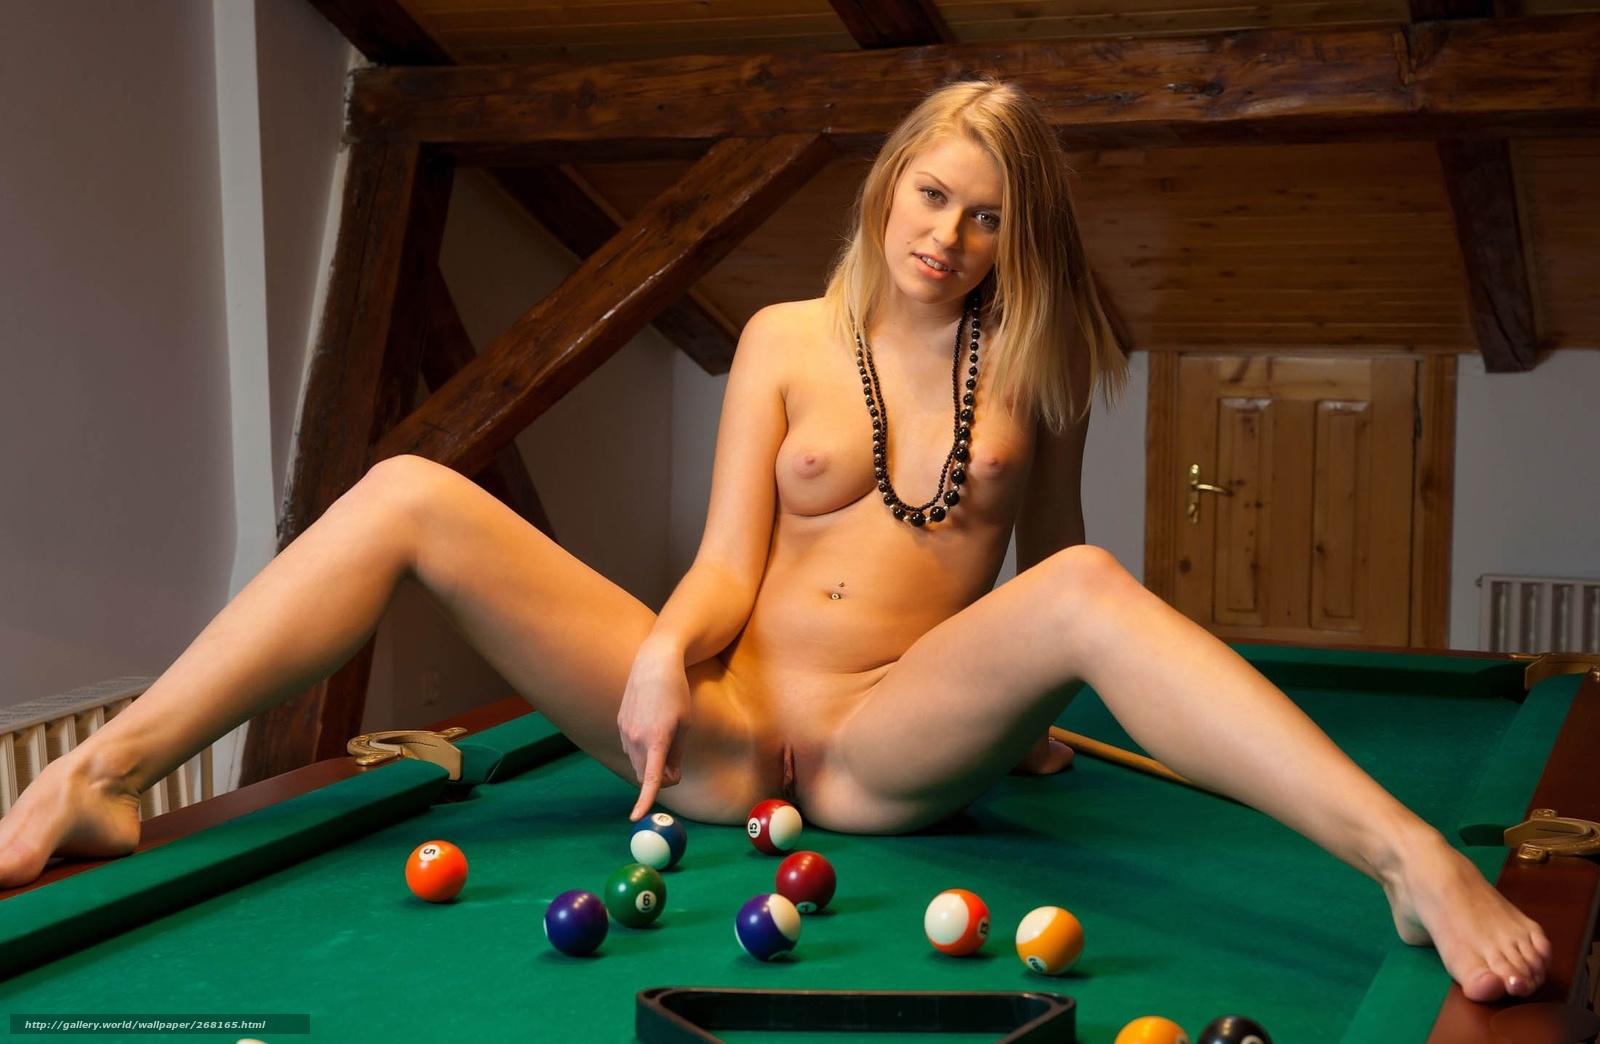 было еще с плоской грудь и ее подруга не дали мужику поиграть в бильярд мама тетей